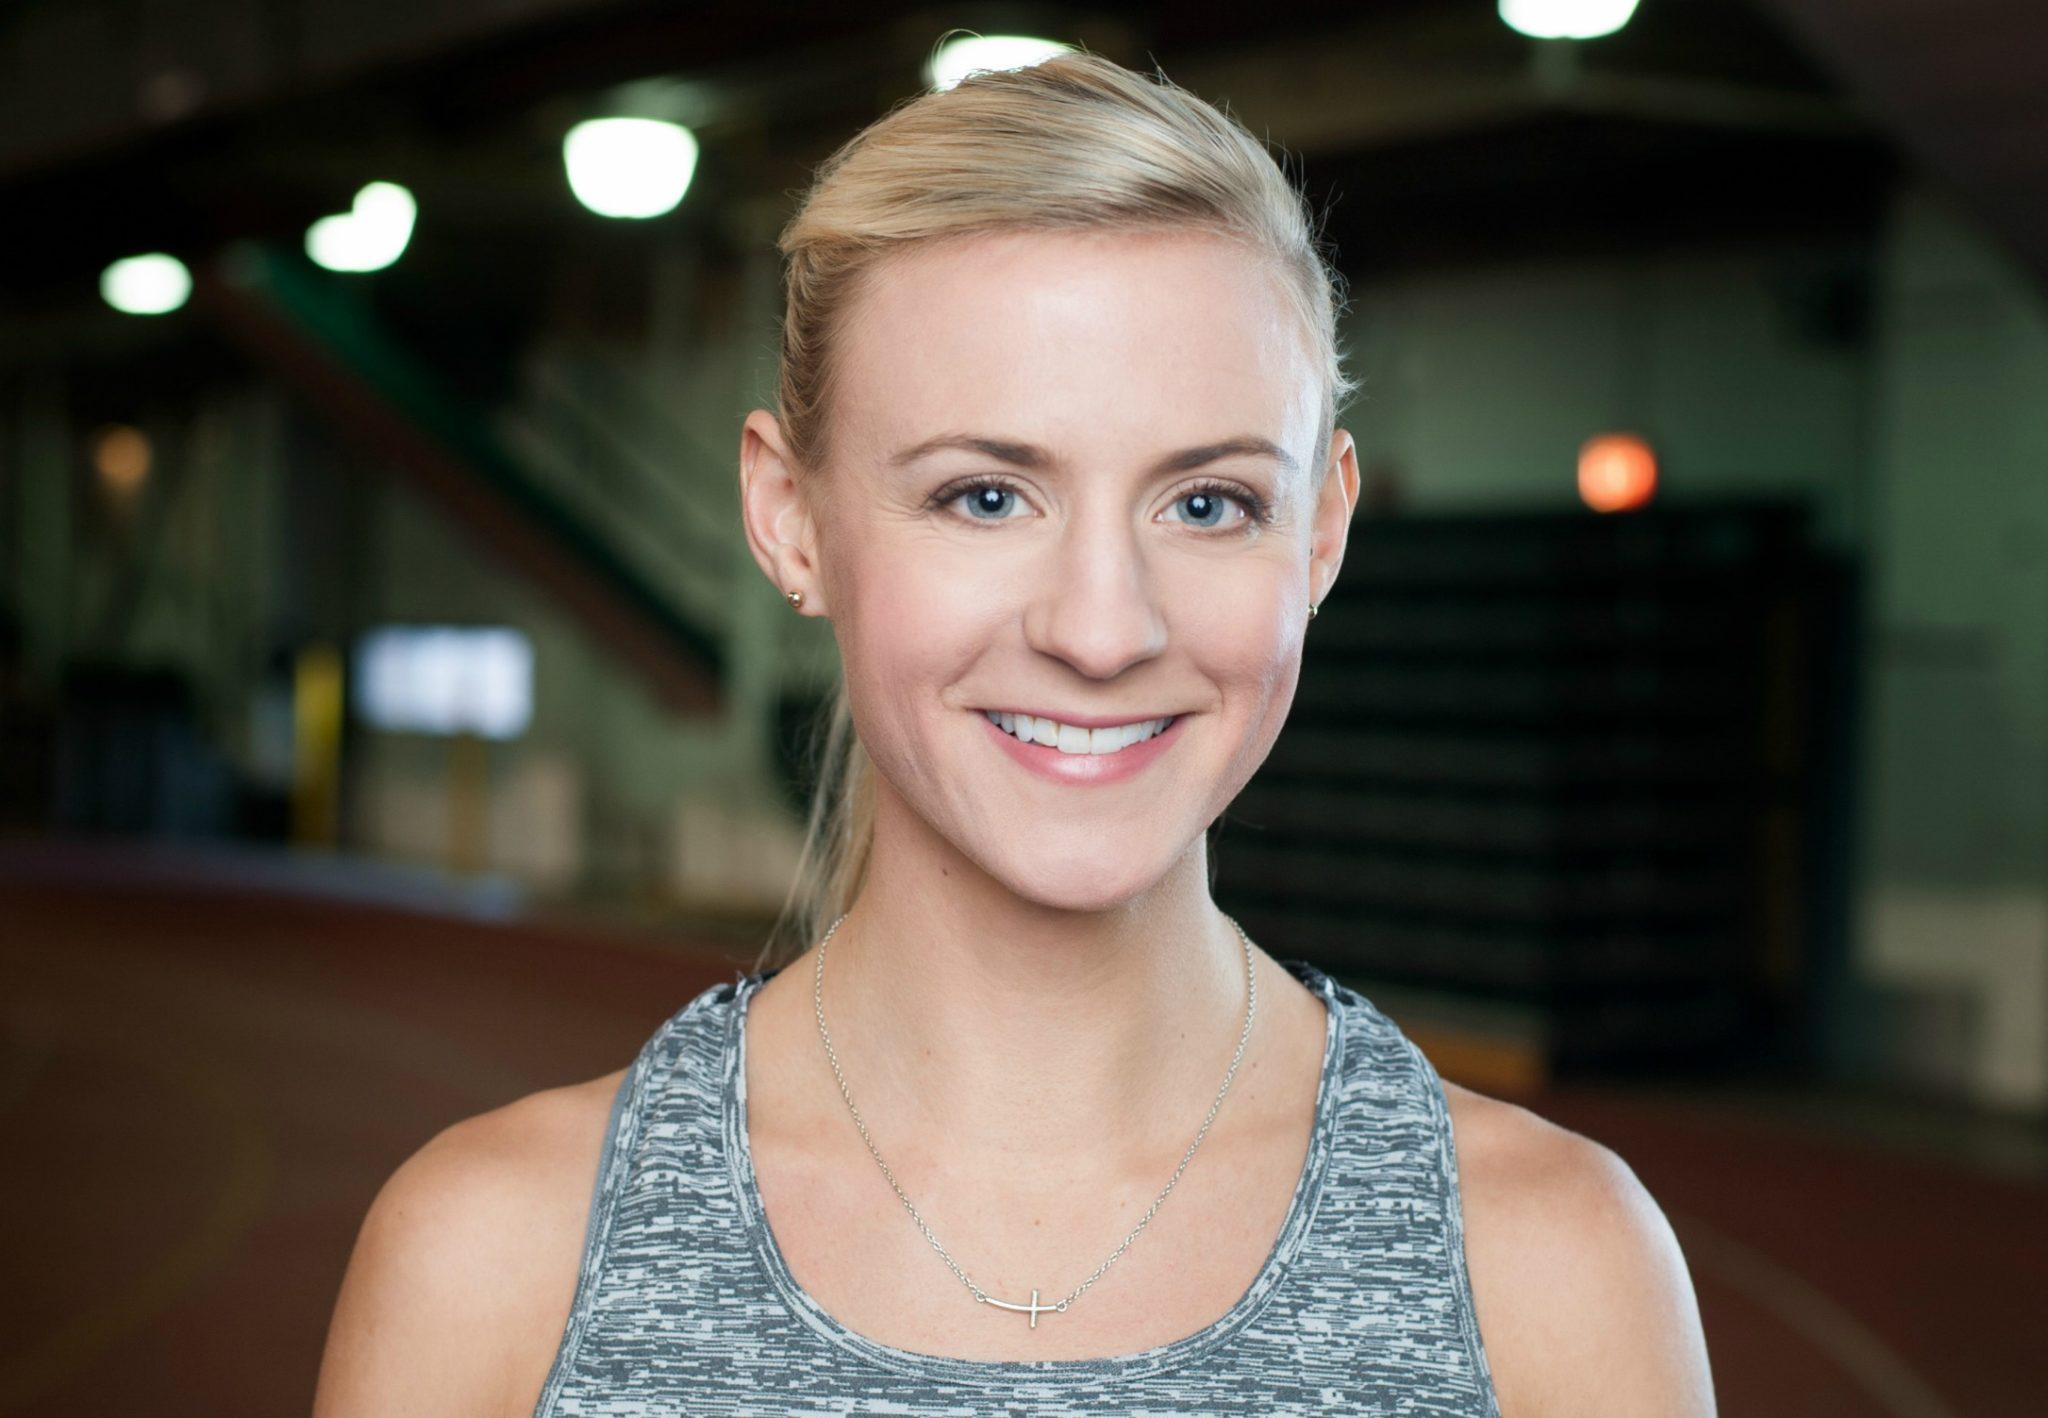 Leah O'Connor